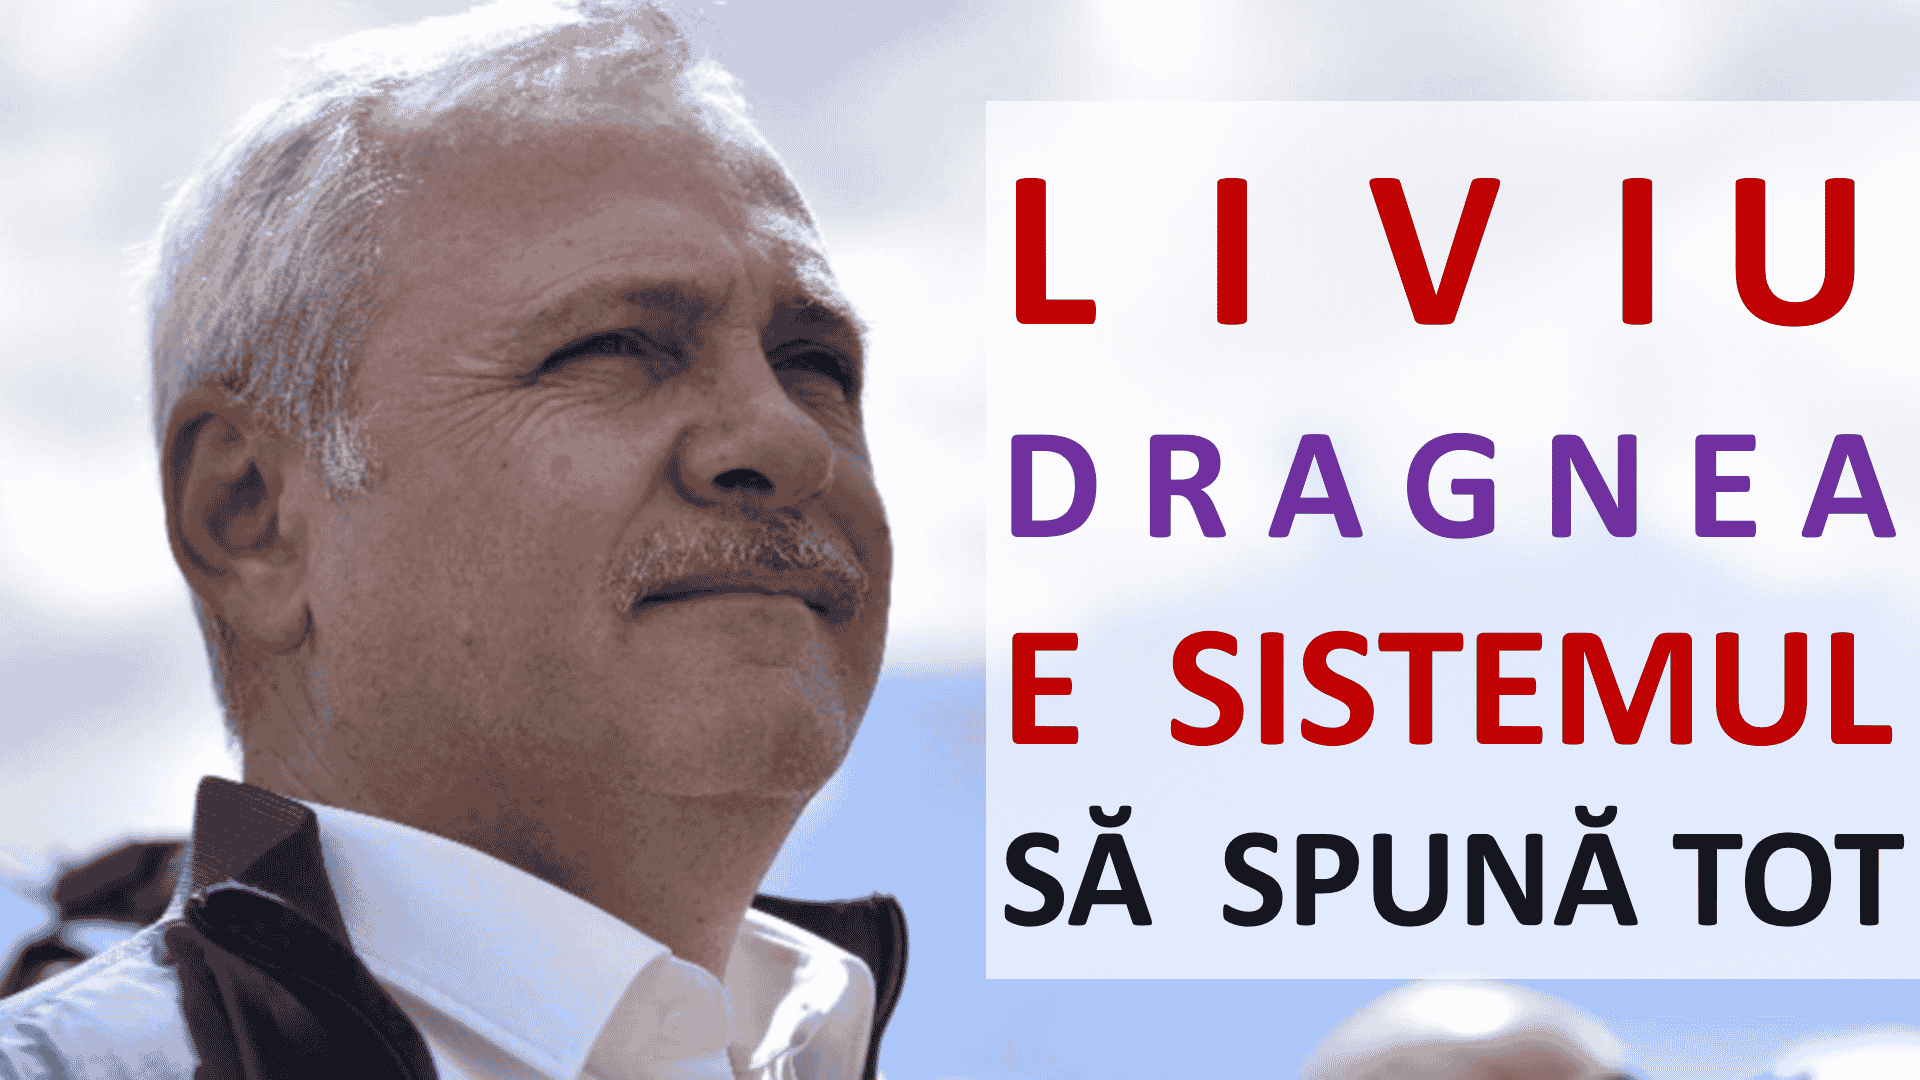 Liviu Dragnea e sistemul. Să spună tot ce știe!